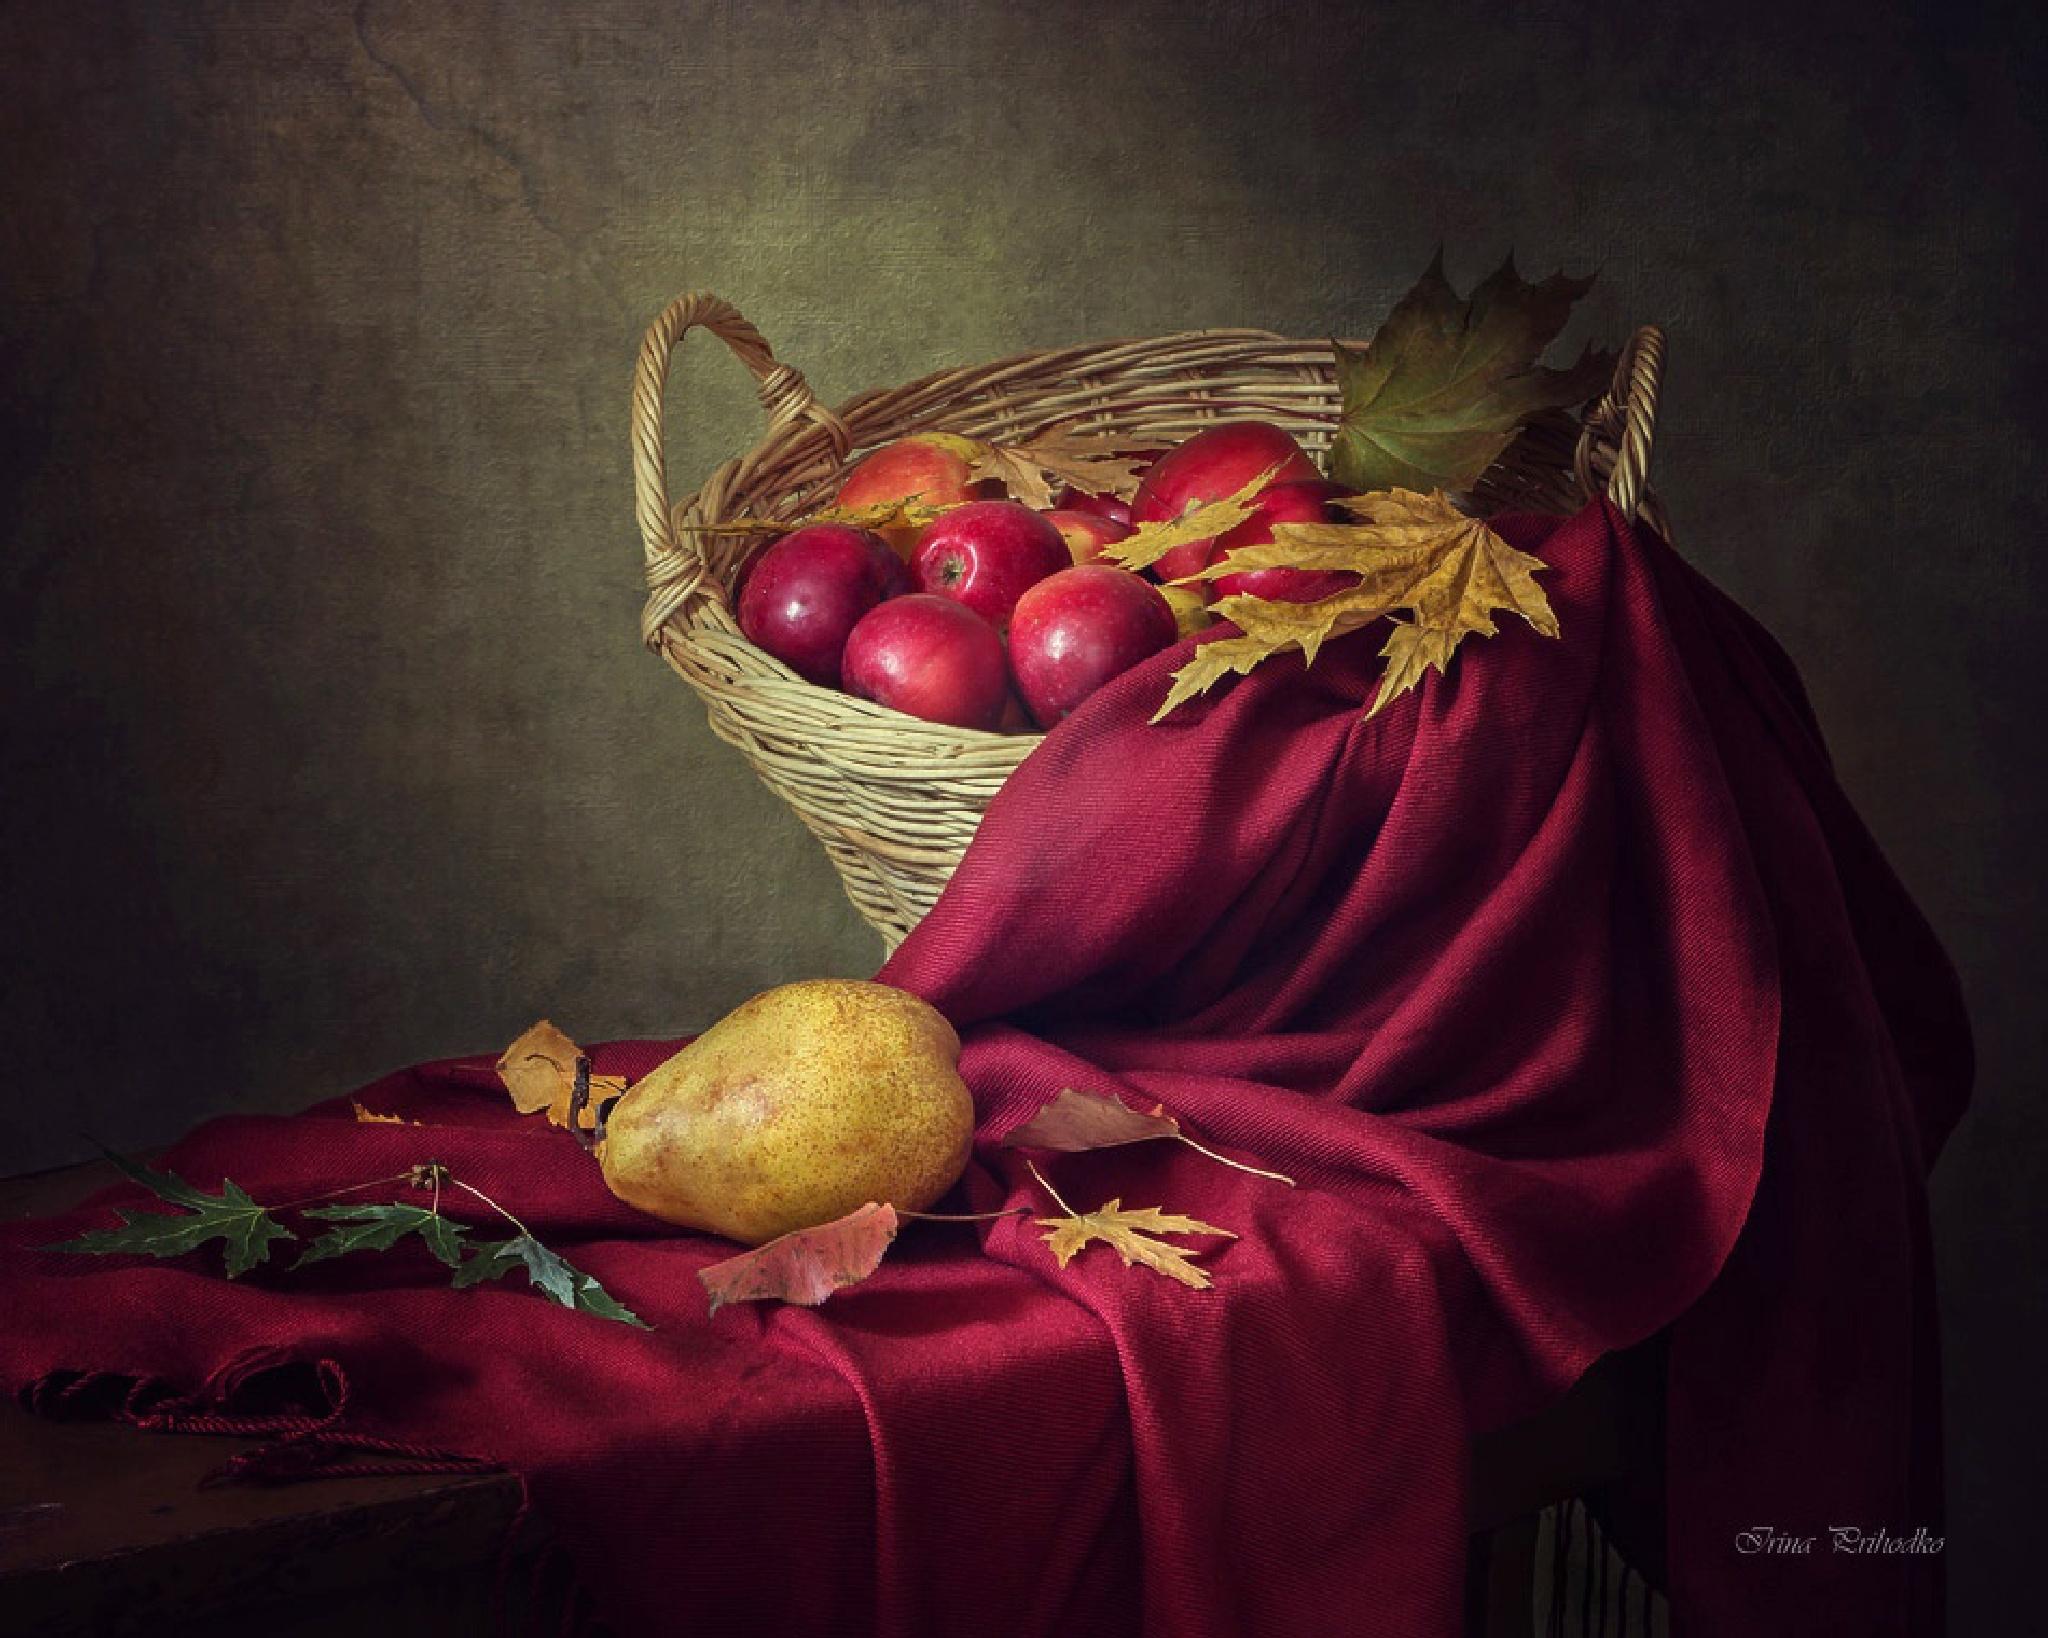 Still life with fall colors by Prikhodko Irina